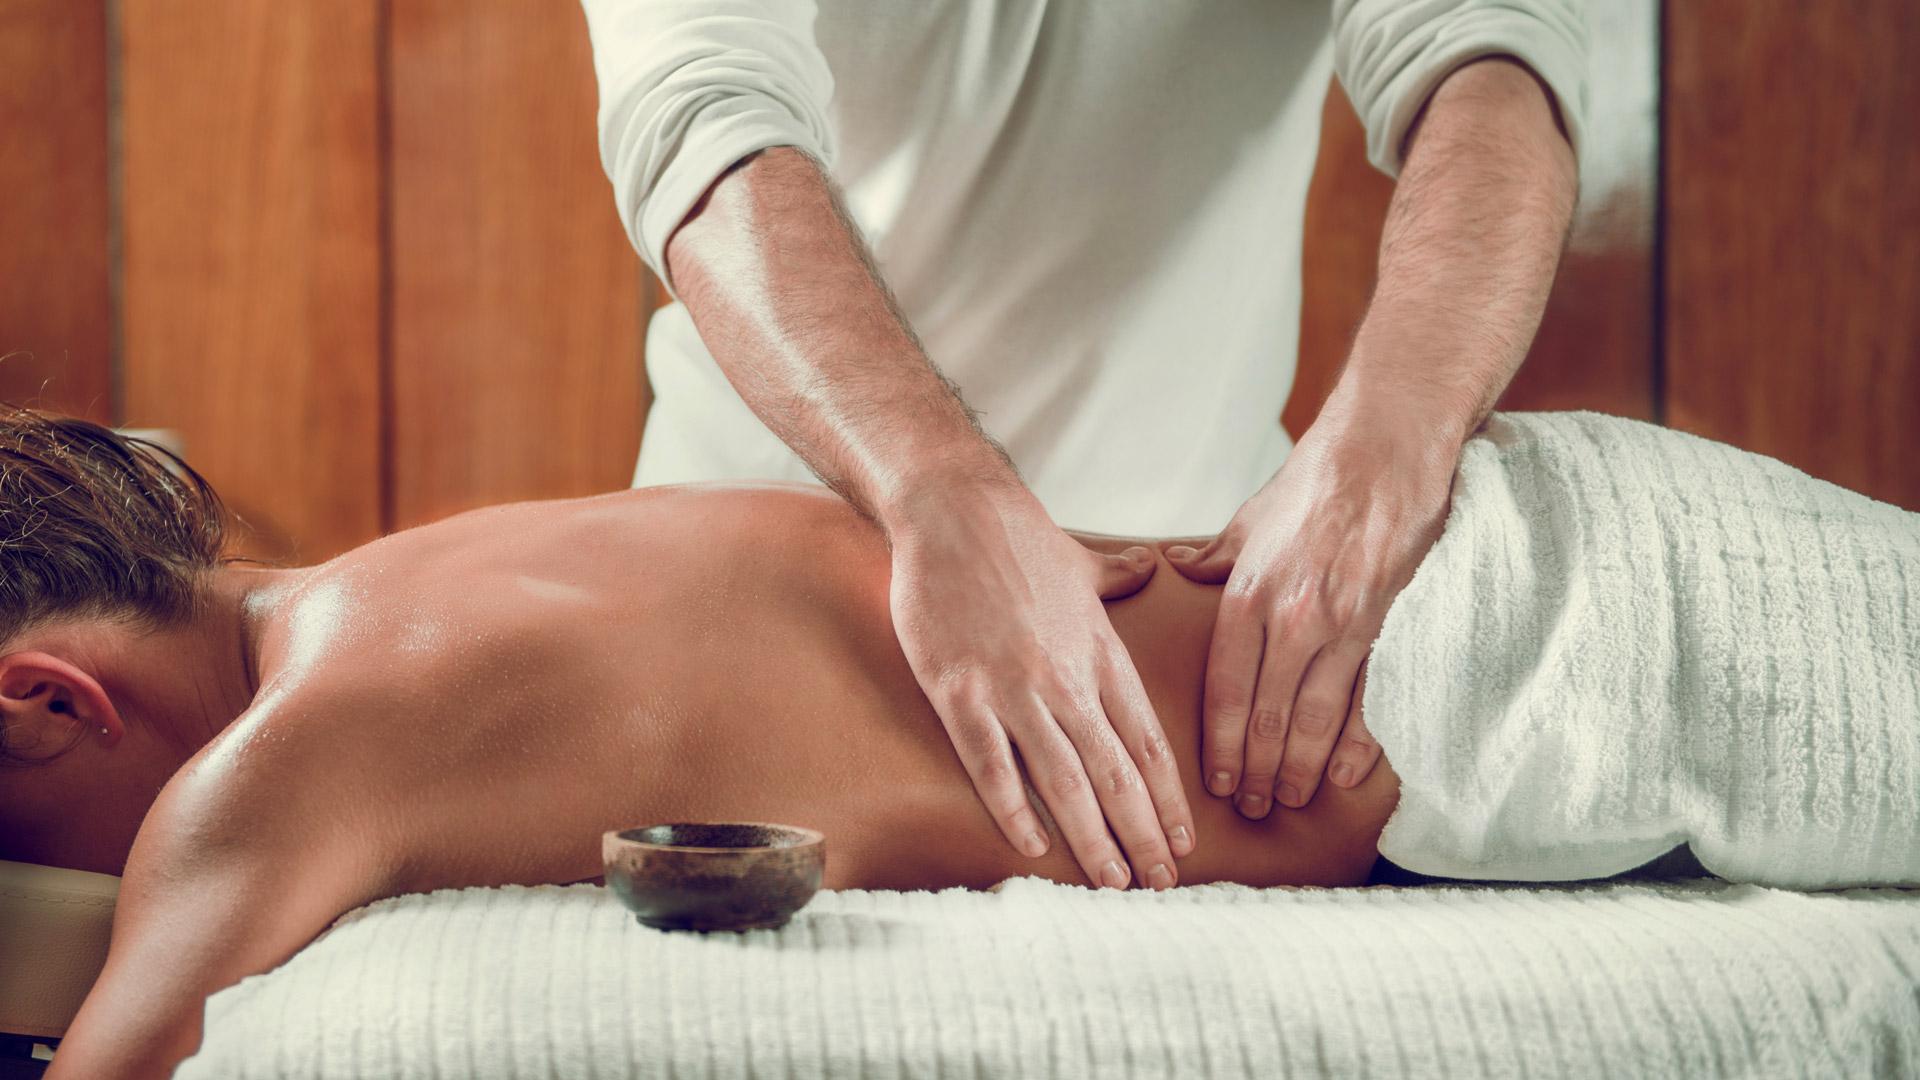 Женщины делают массаж женщинам смотреть онлайн, японку на работе порно